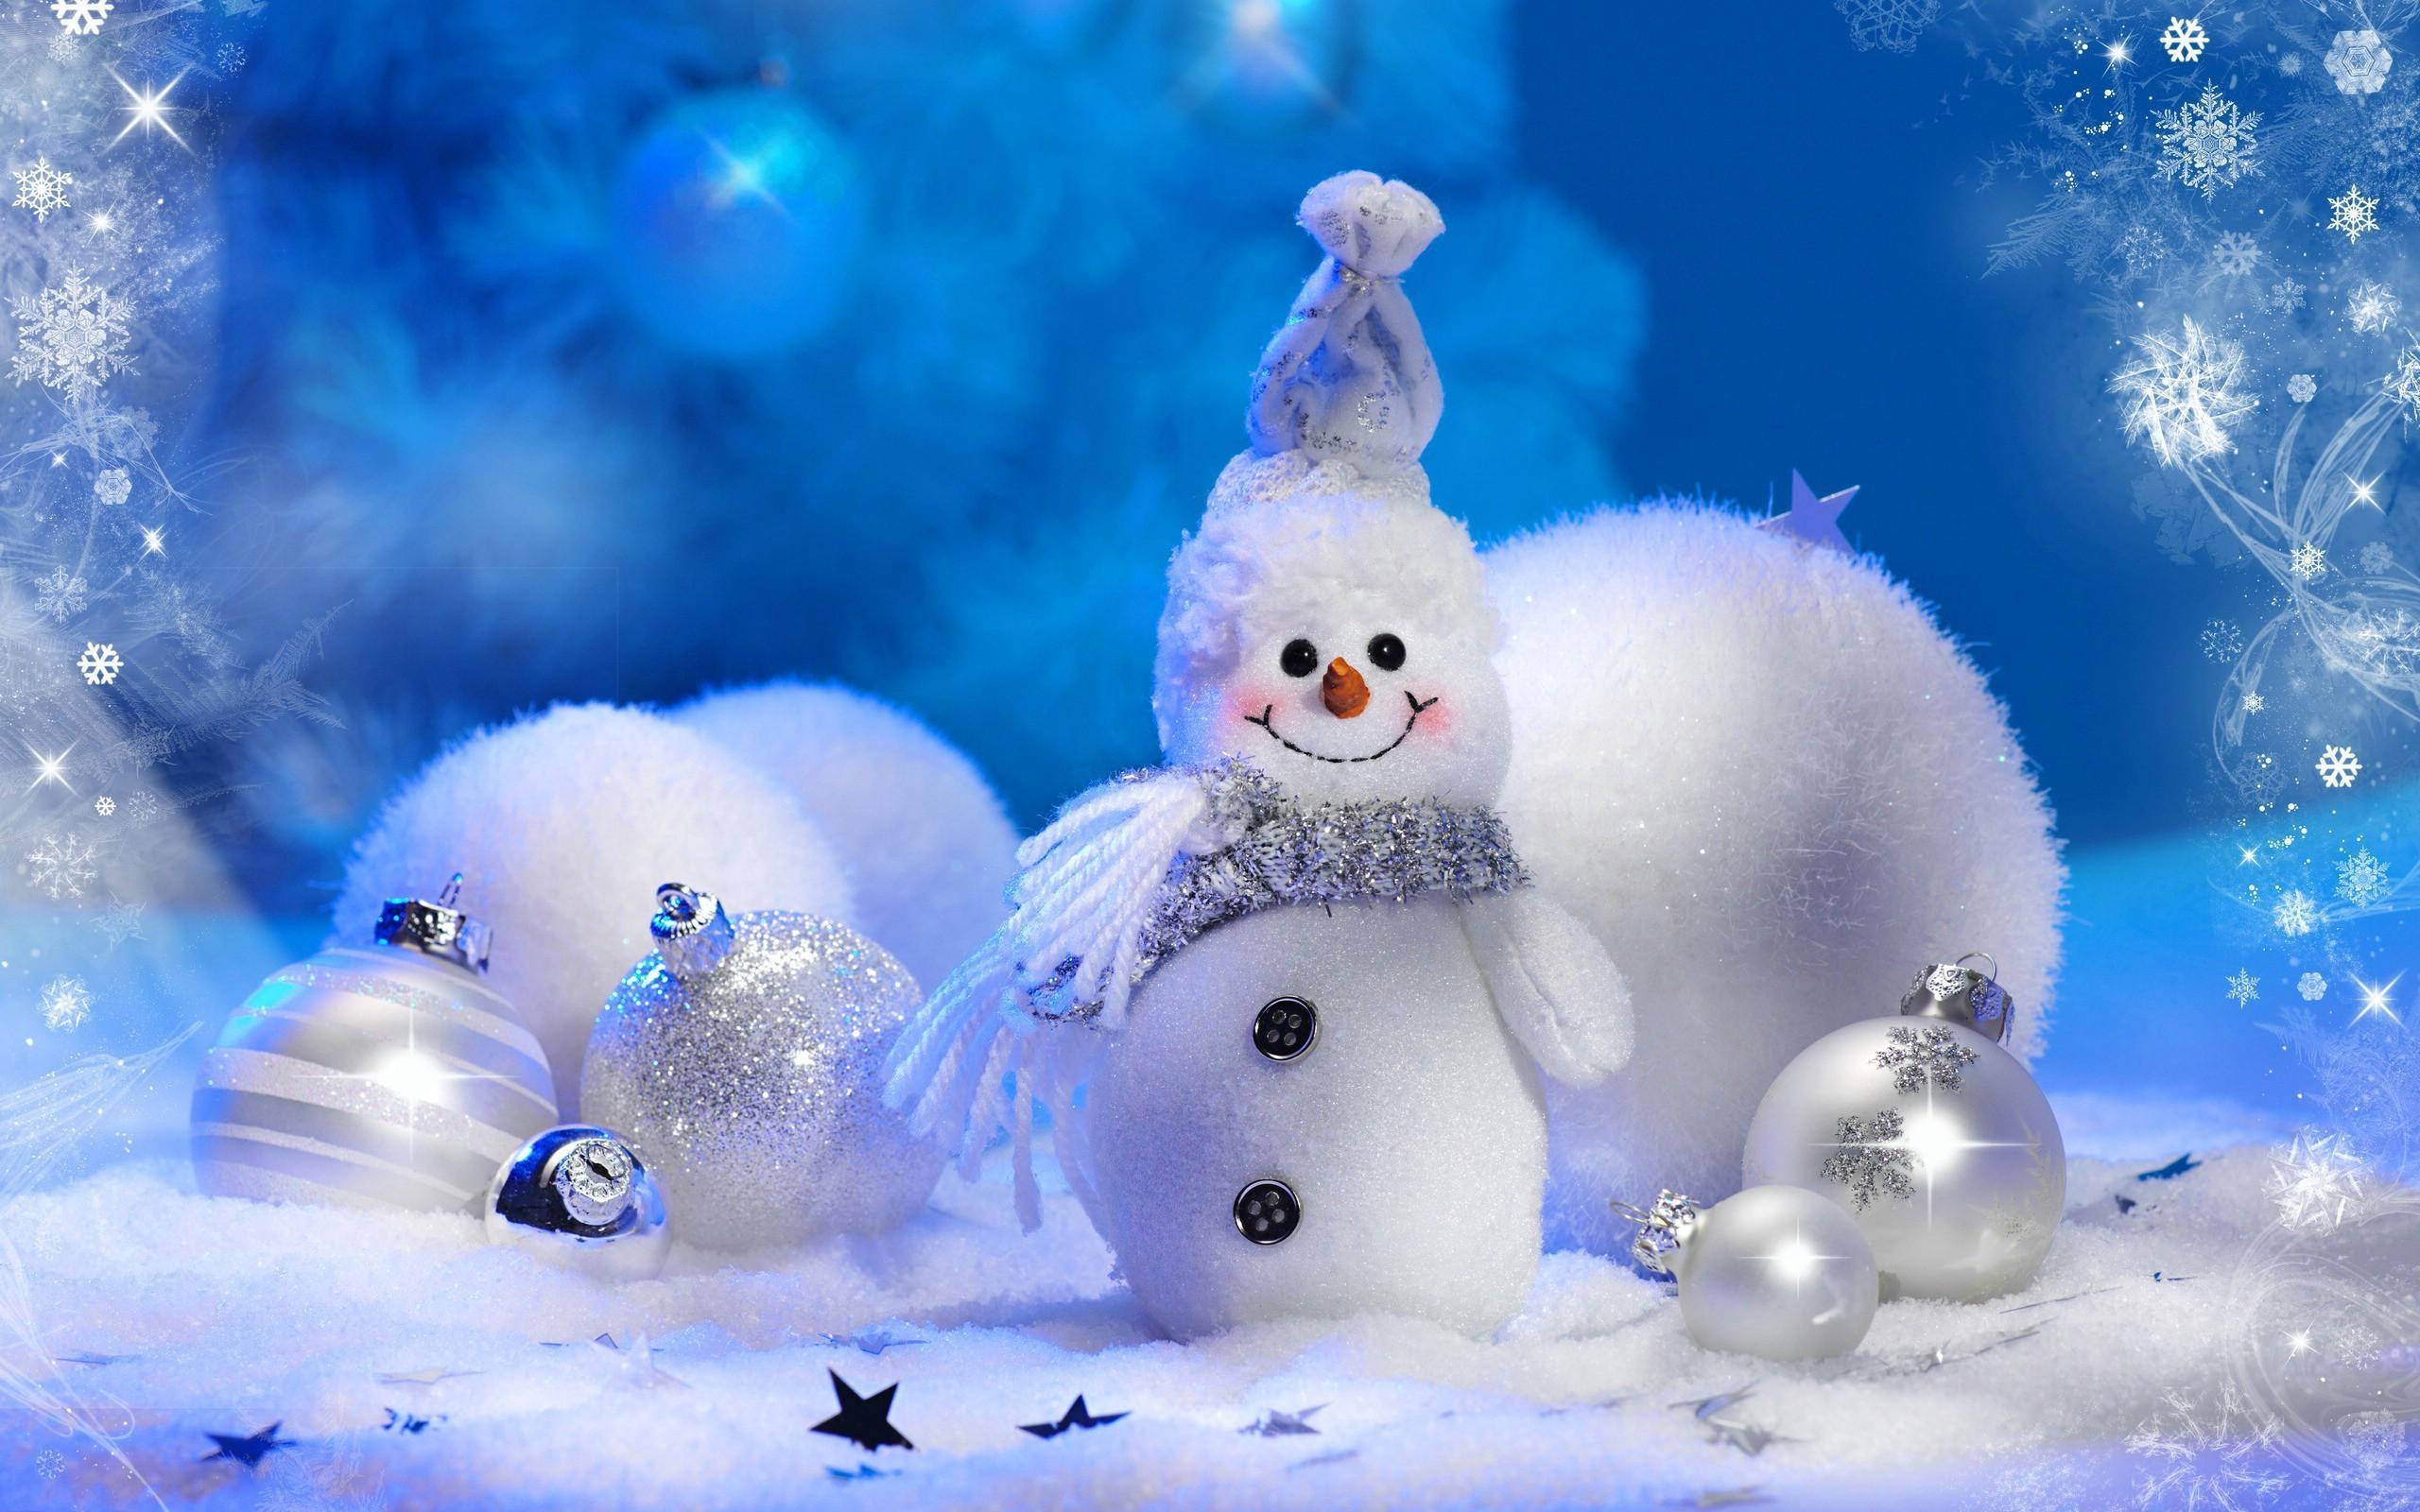 Новый год картинки на рабочий стол зима